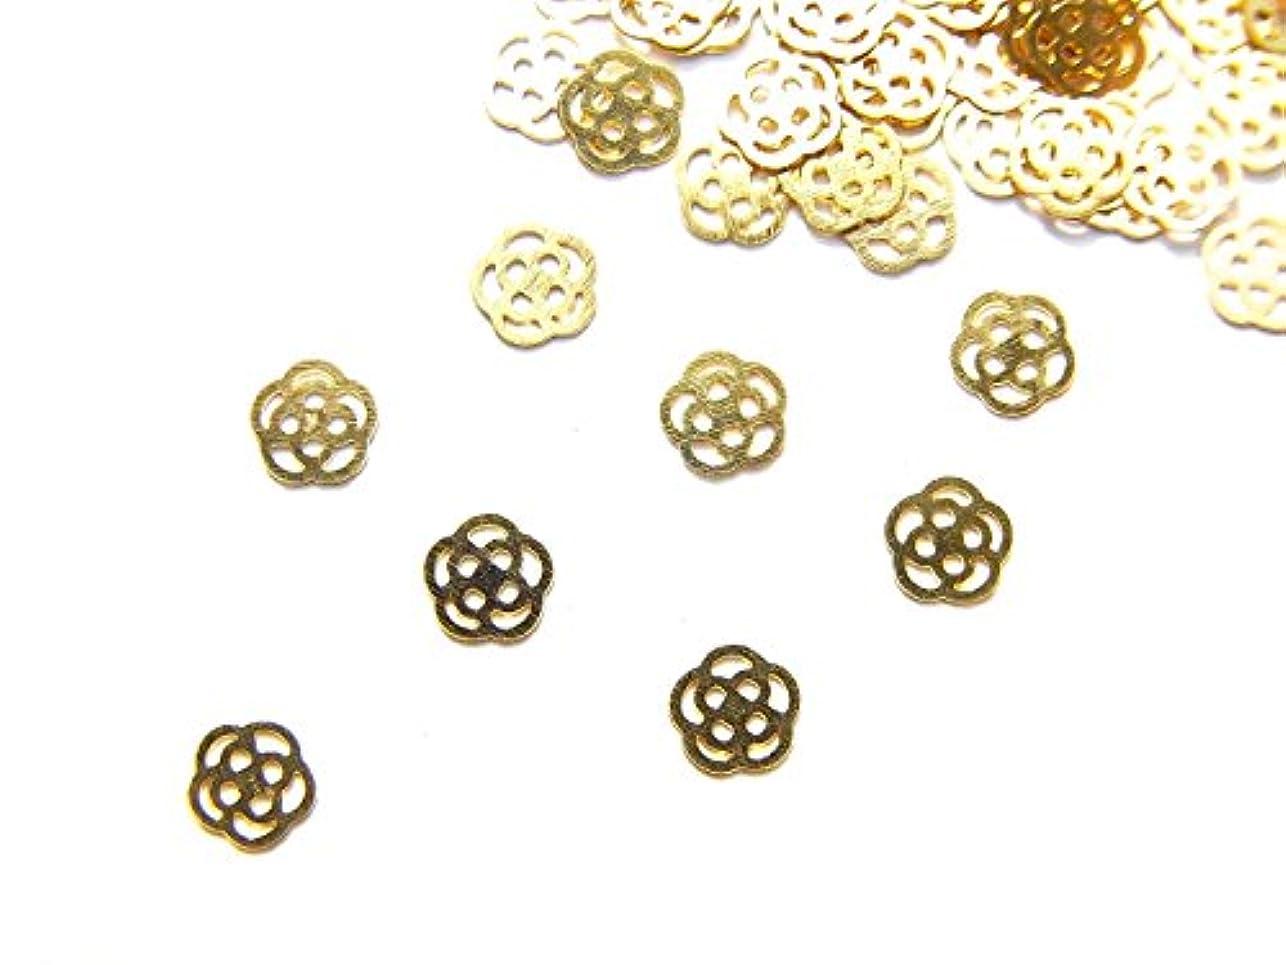 ヒープ発明ベッドを作る【jewel】ug29 薄型ゴールド メタルパーツ Sサイズ 薔薇 ローズ 10個入り ネイルアートパーツ レジンパーツ